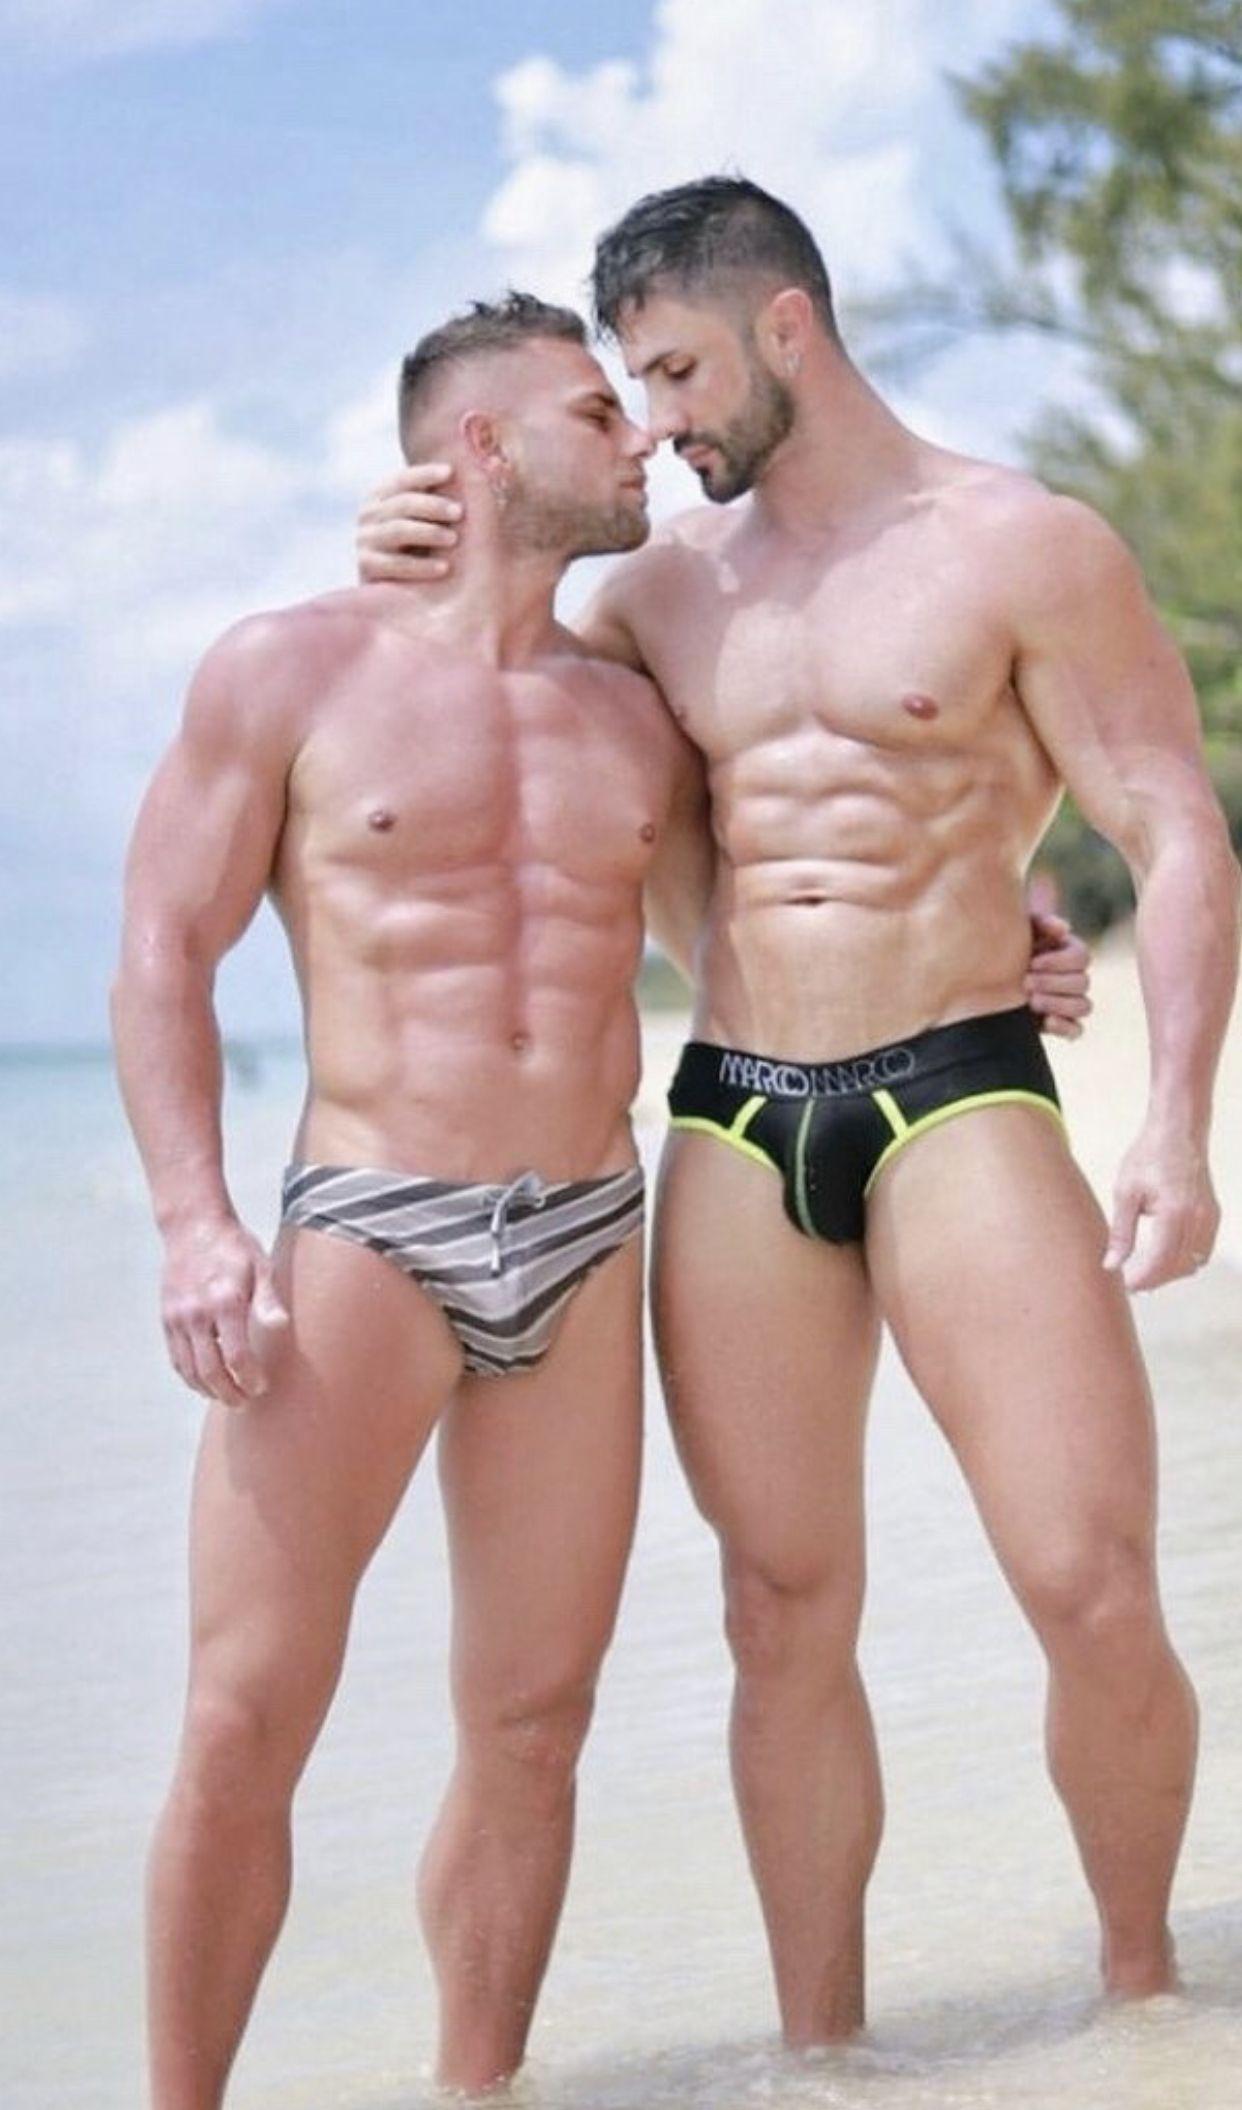 Gay hook up in long beach ny